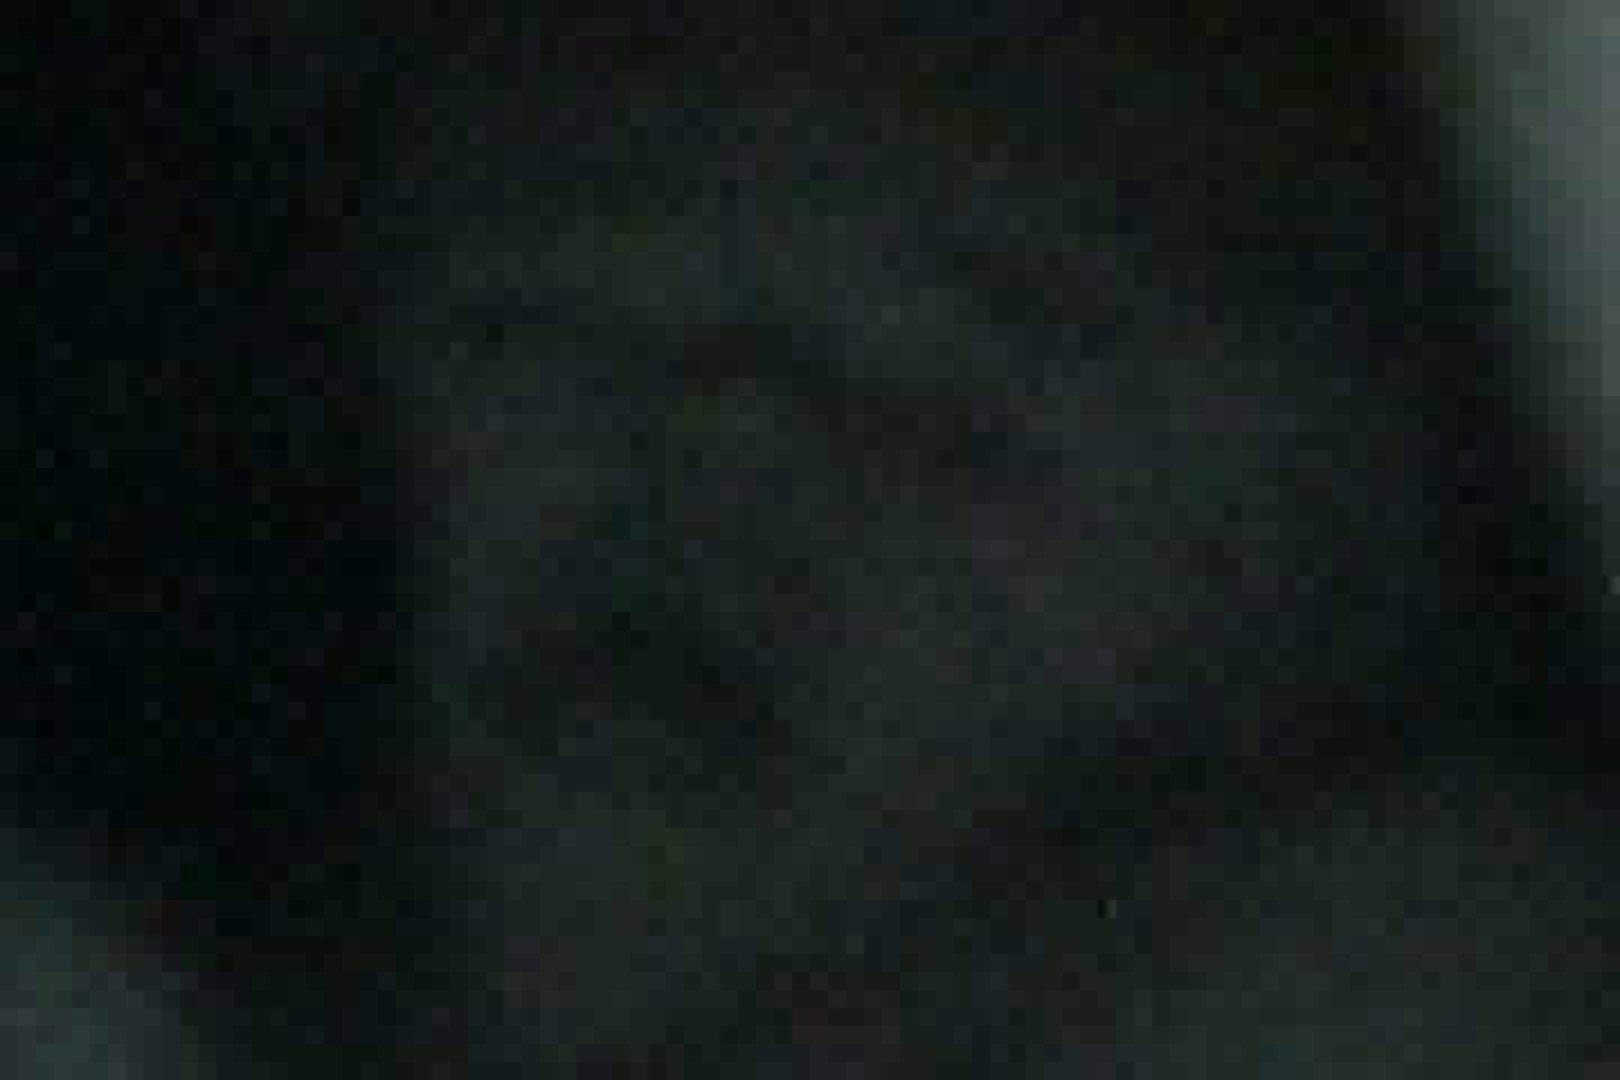 充血監督の深夜の運動会Vol.33 OLの実態 盗撮動画紹介 89pic 82